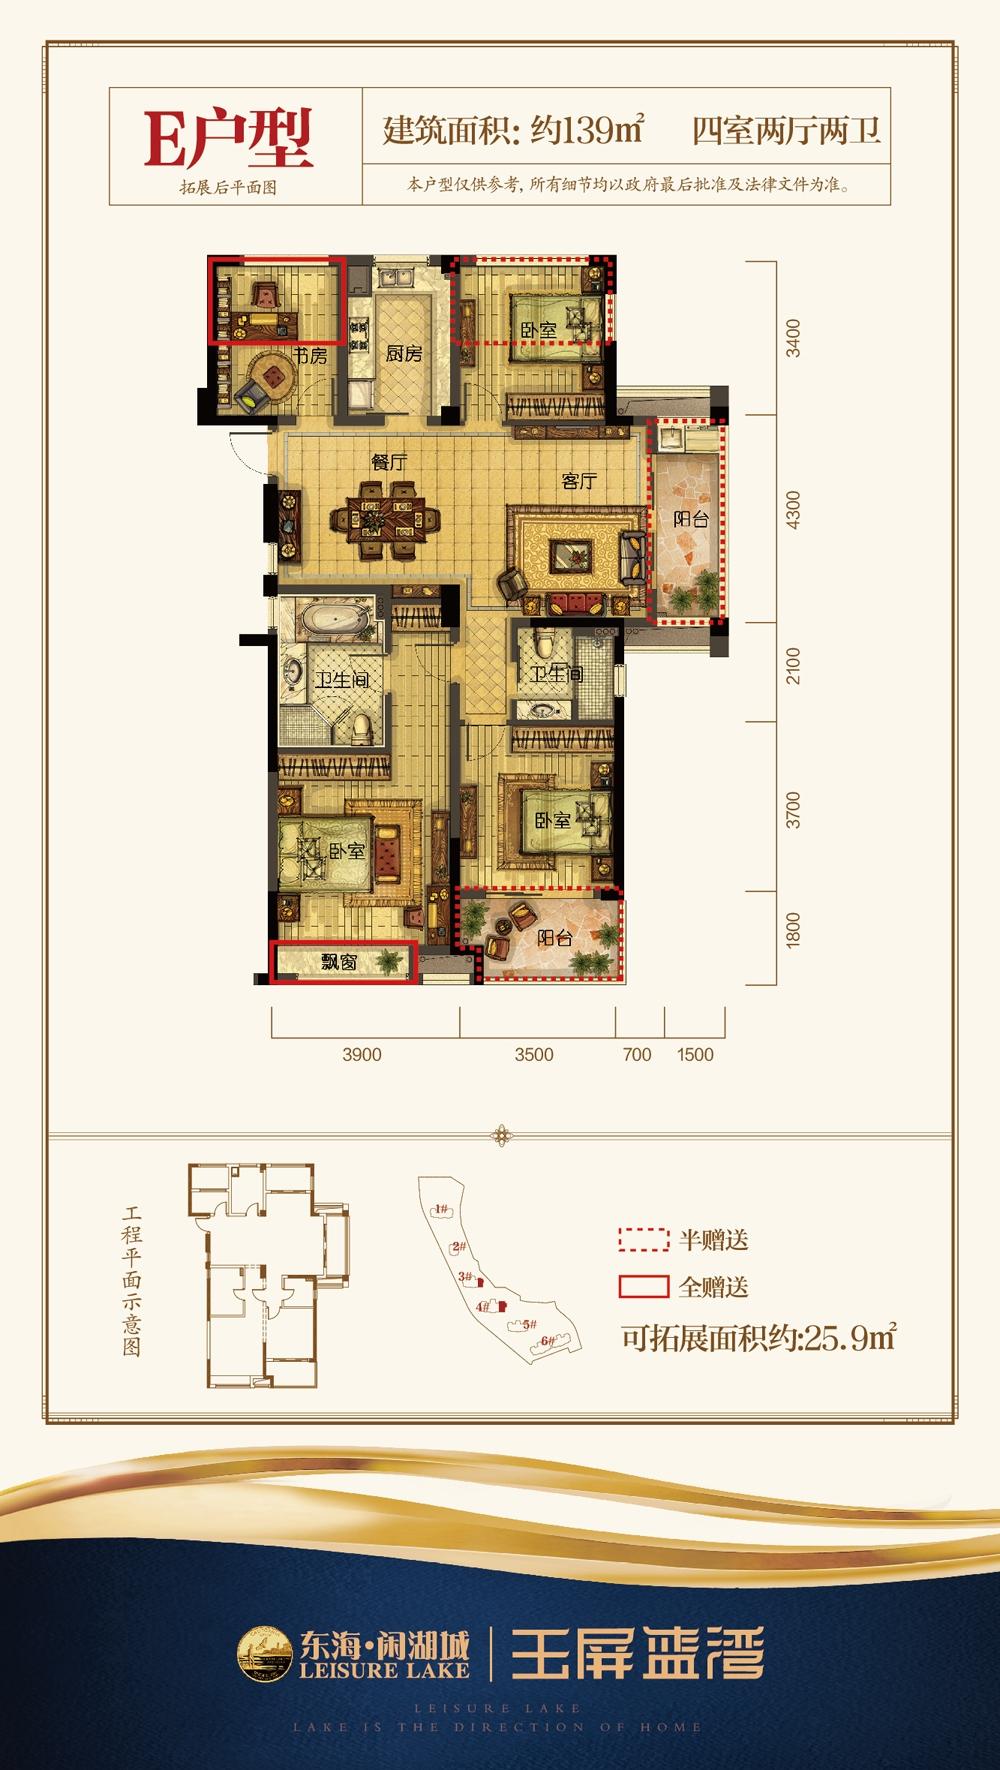 东海闲湖城玉屏蓝湾3、4号楼139方户型图